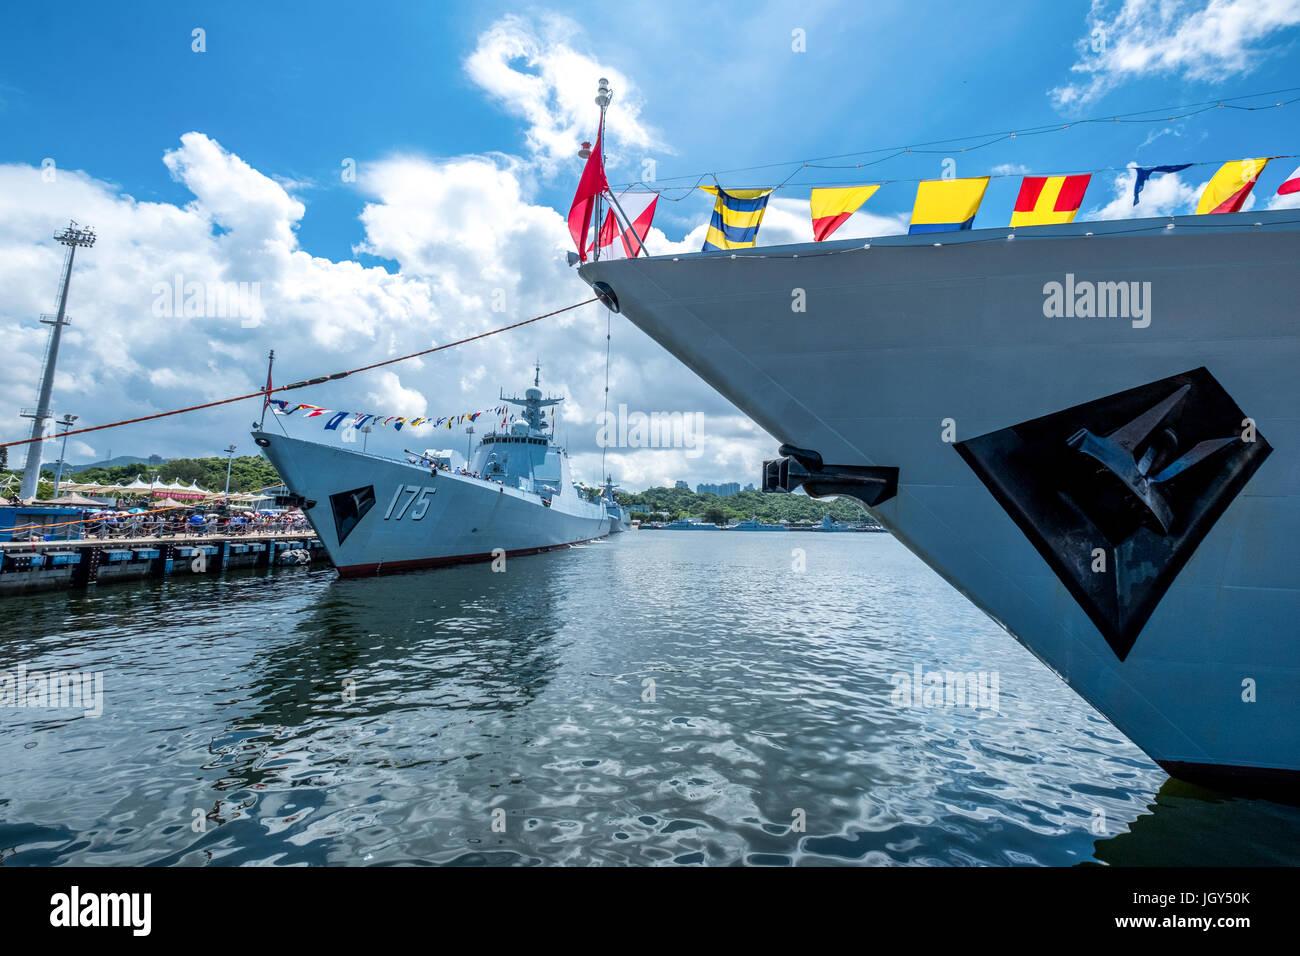 La base navale de Ngong Shuen Chau, Hong Kong - 9 juin 2017: Yinchuan (numéro 175) missiles visité Hong Kong et a été ouvert au public. Banque D'Images